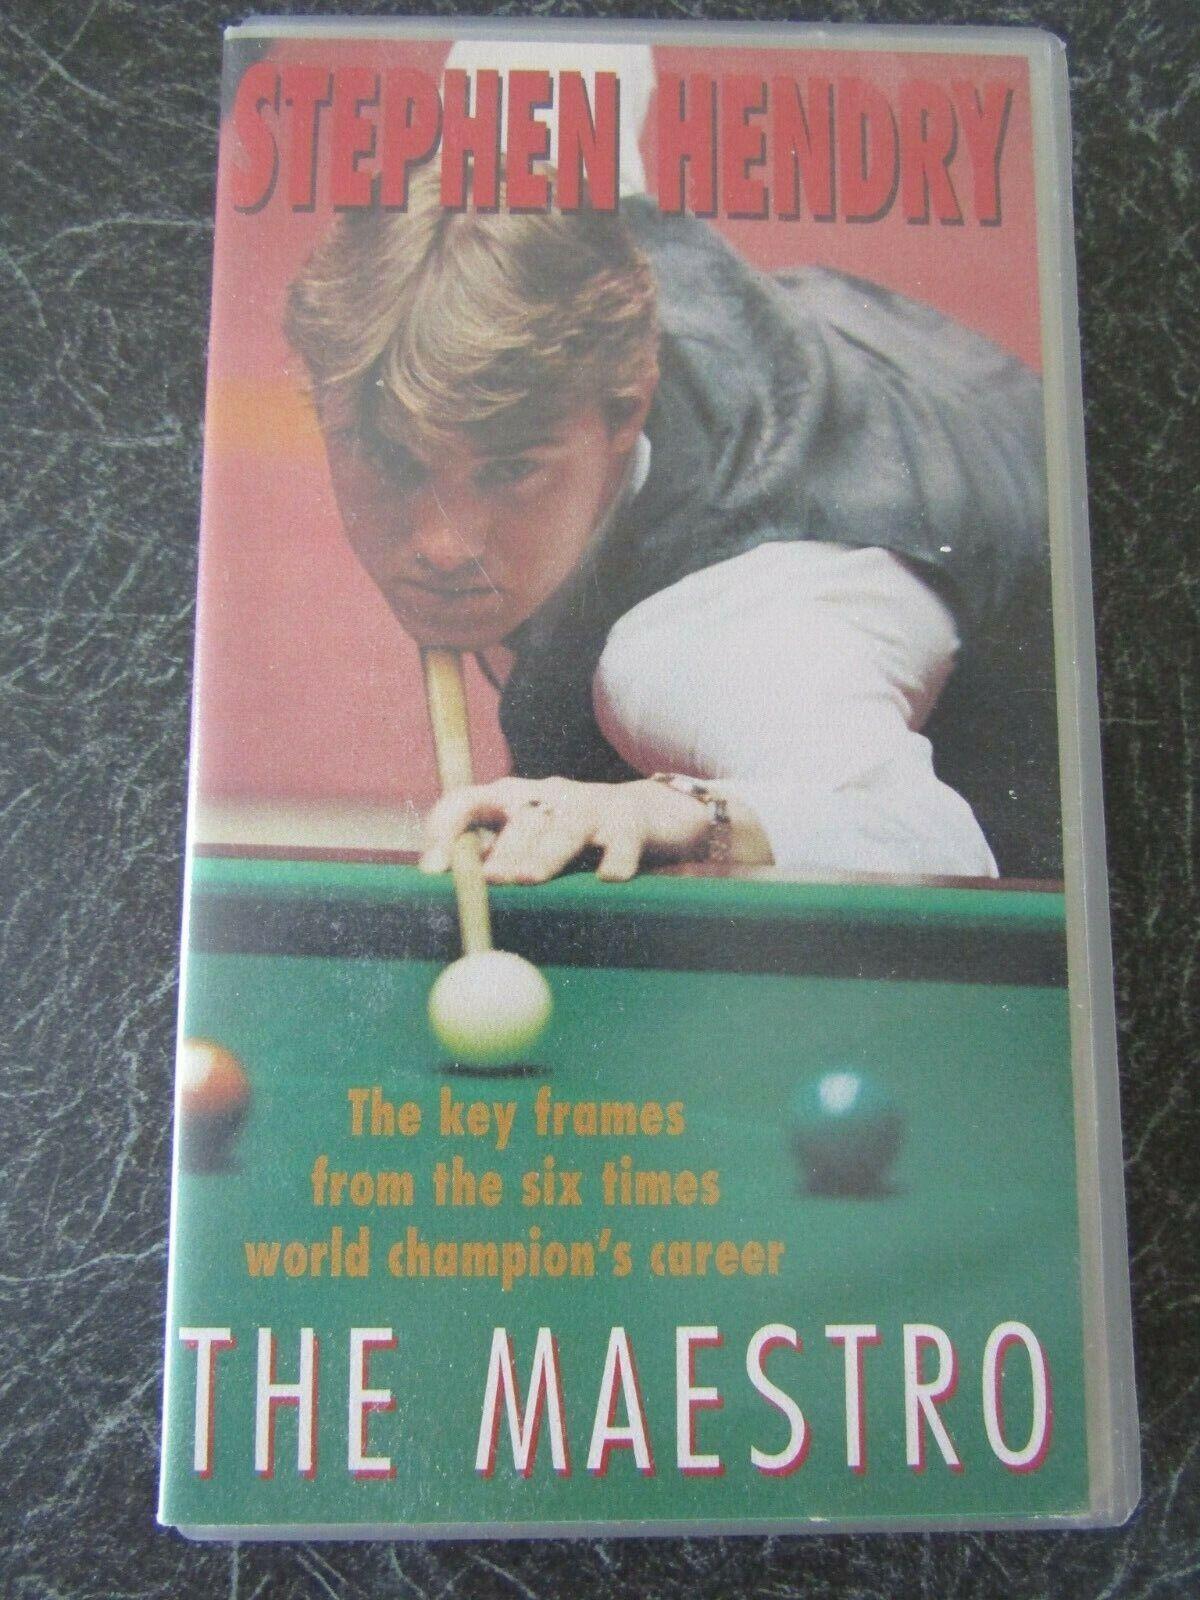 VHS Video, STEPHEN HENDRY  Key frames 6x World Champion, THE MAESTRO 185 min.